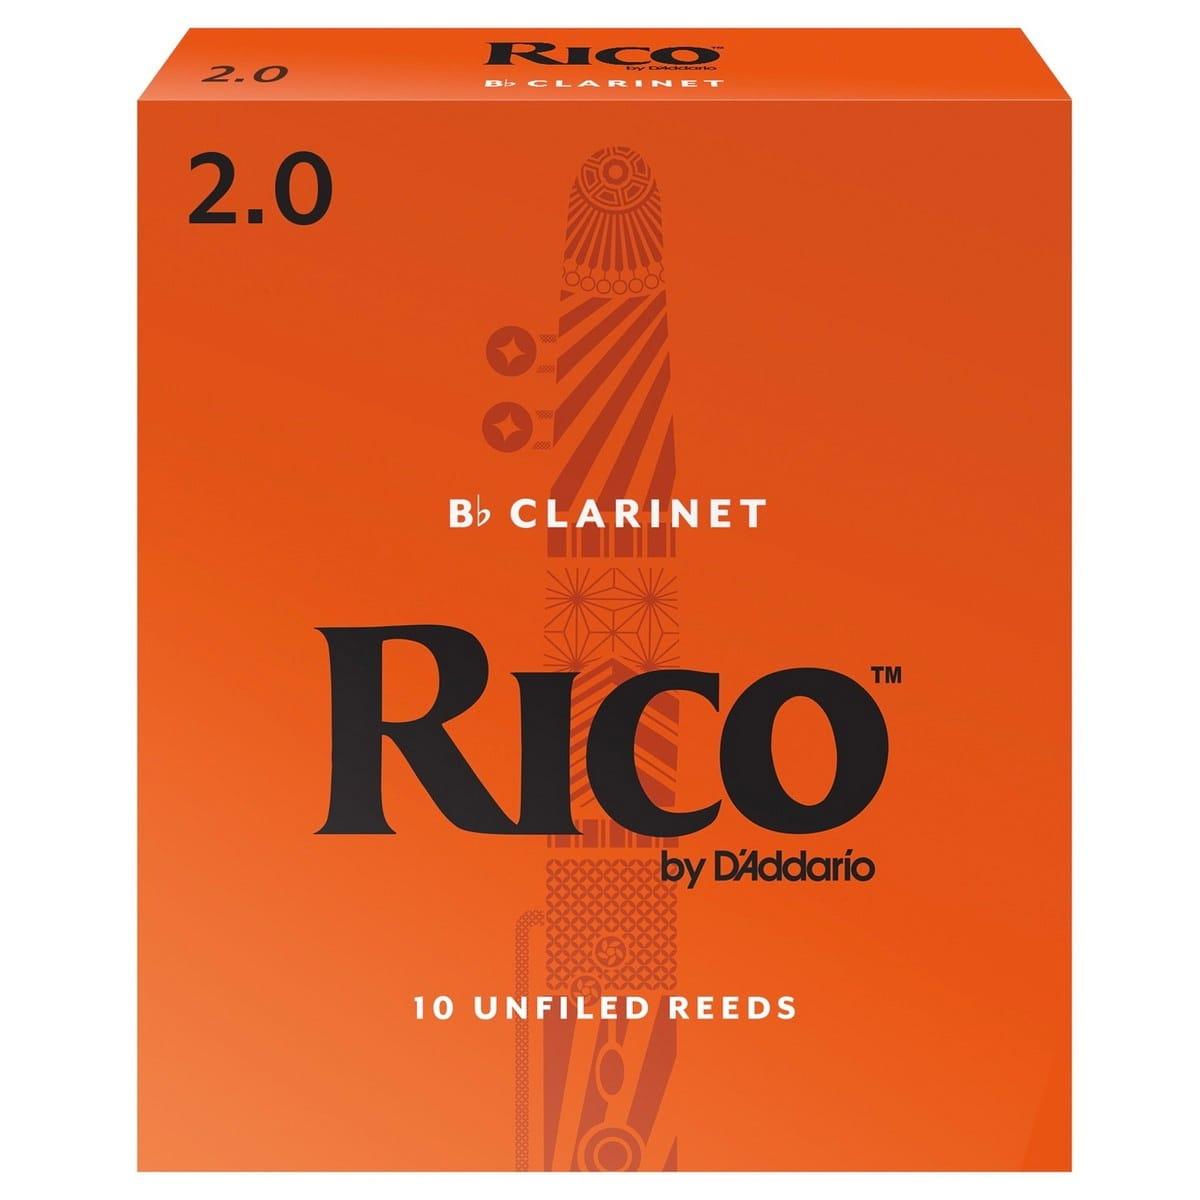 Anches pour Clarinette Sib RICO® - D'Addario Rico - Clarinet Reeds sib 2.0 - Accessoire - di-arezzo.com